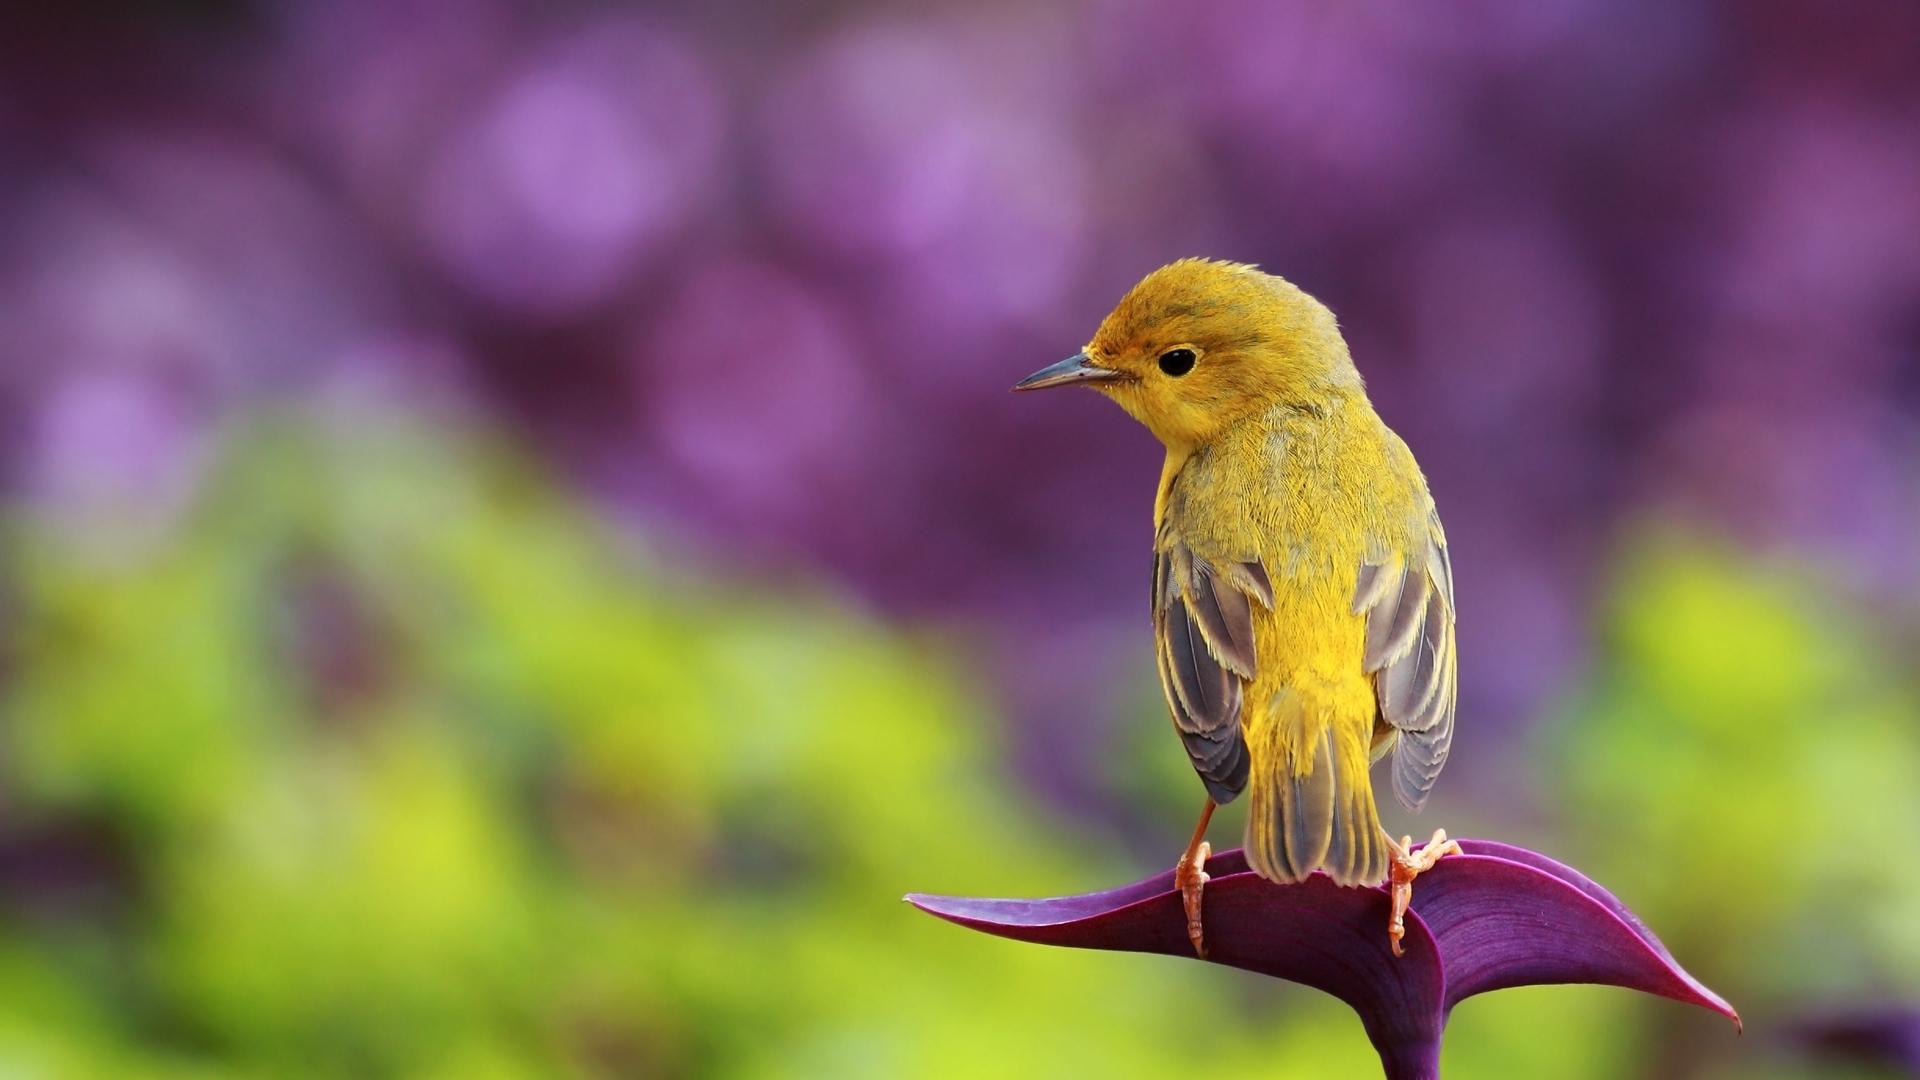 Little Bird   1080p HD Wallpaper Widescreen HD Wallpapers Source 1920x1080